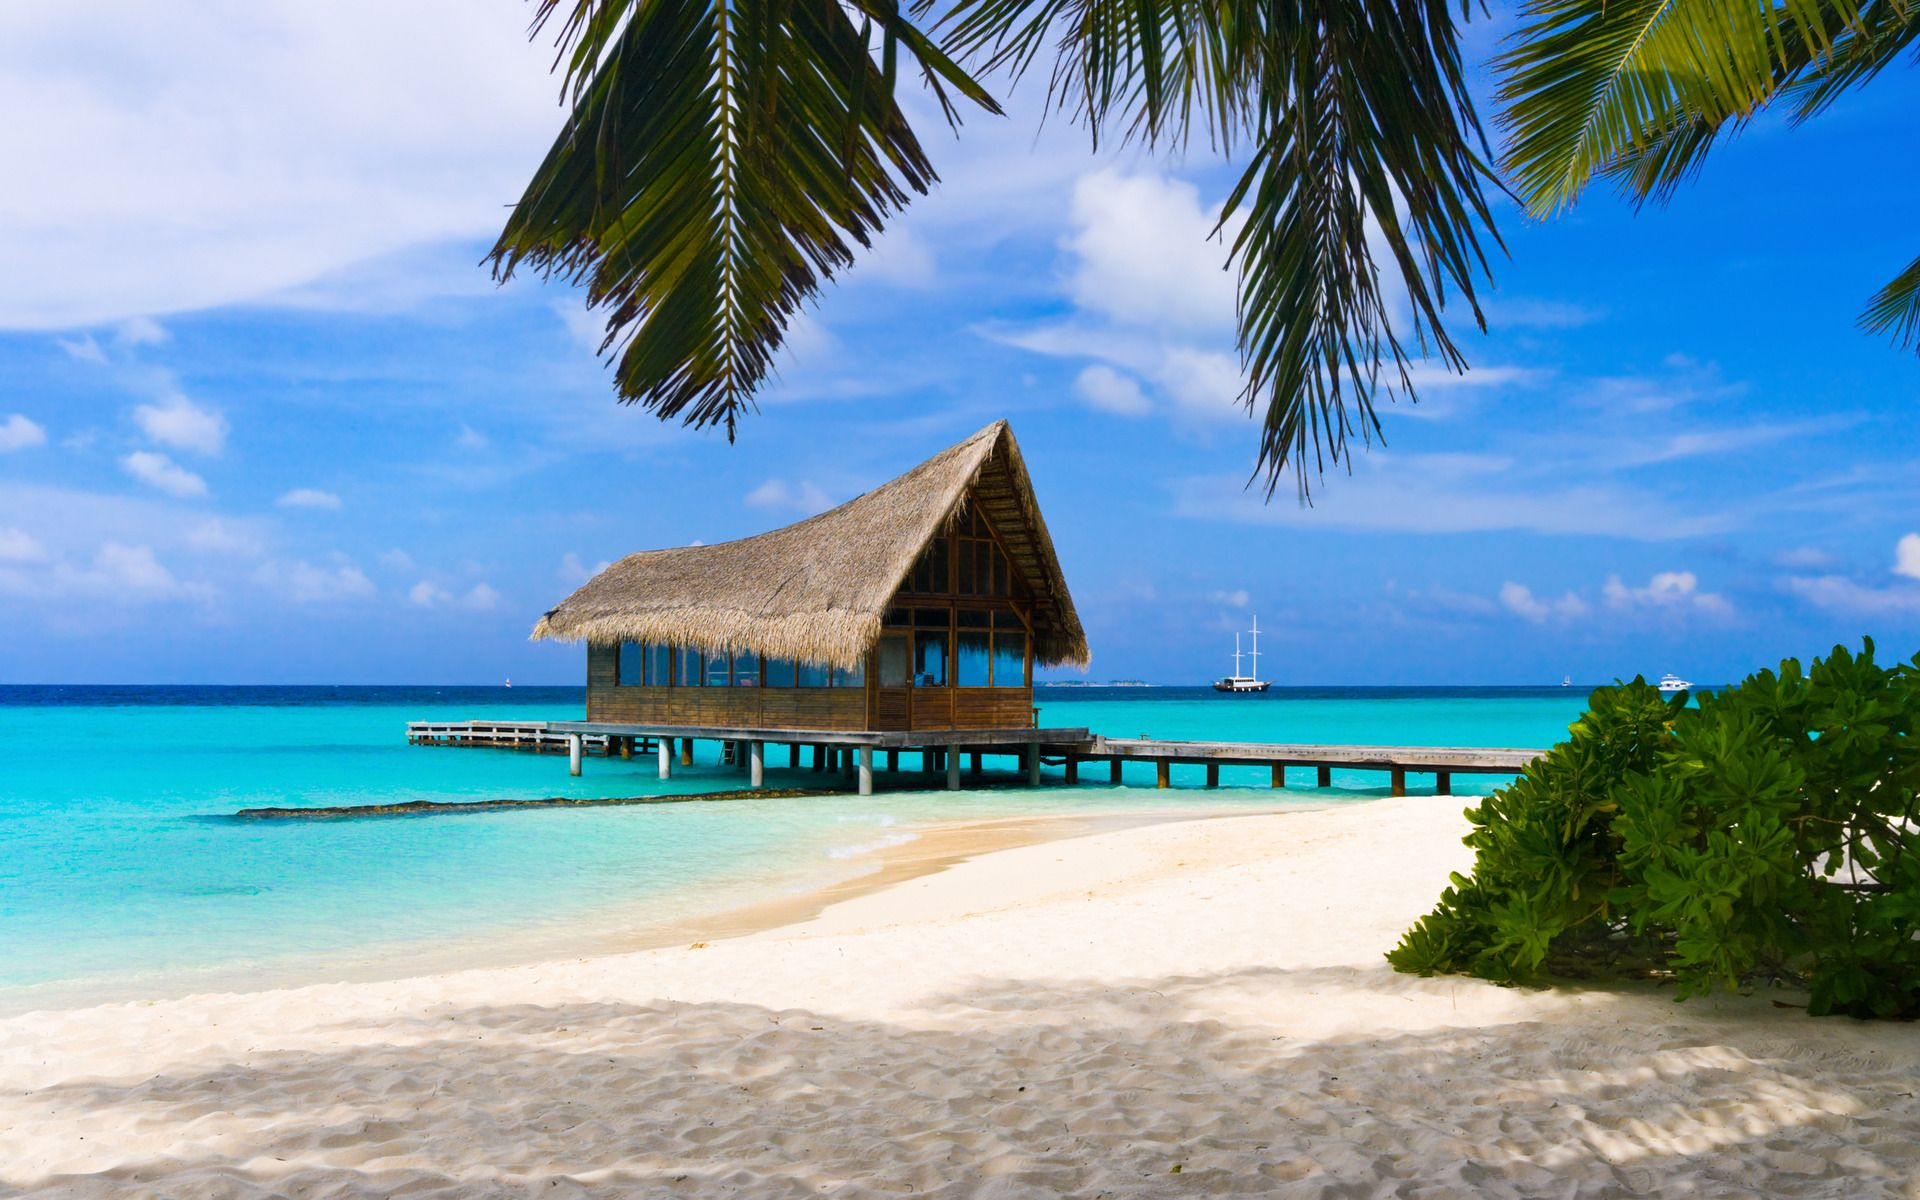 Bahamas Ah Beach Paradise Beach Wallpaper Island Resort